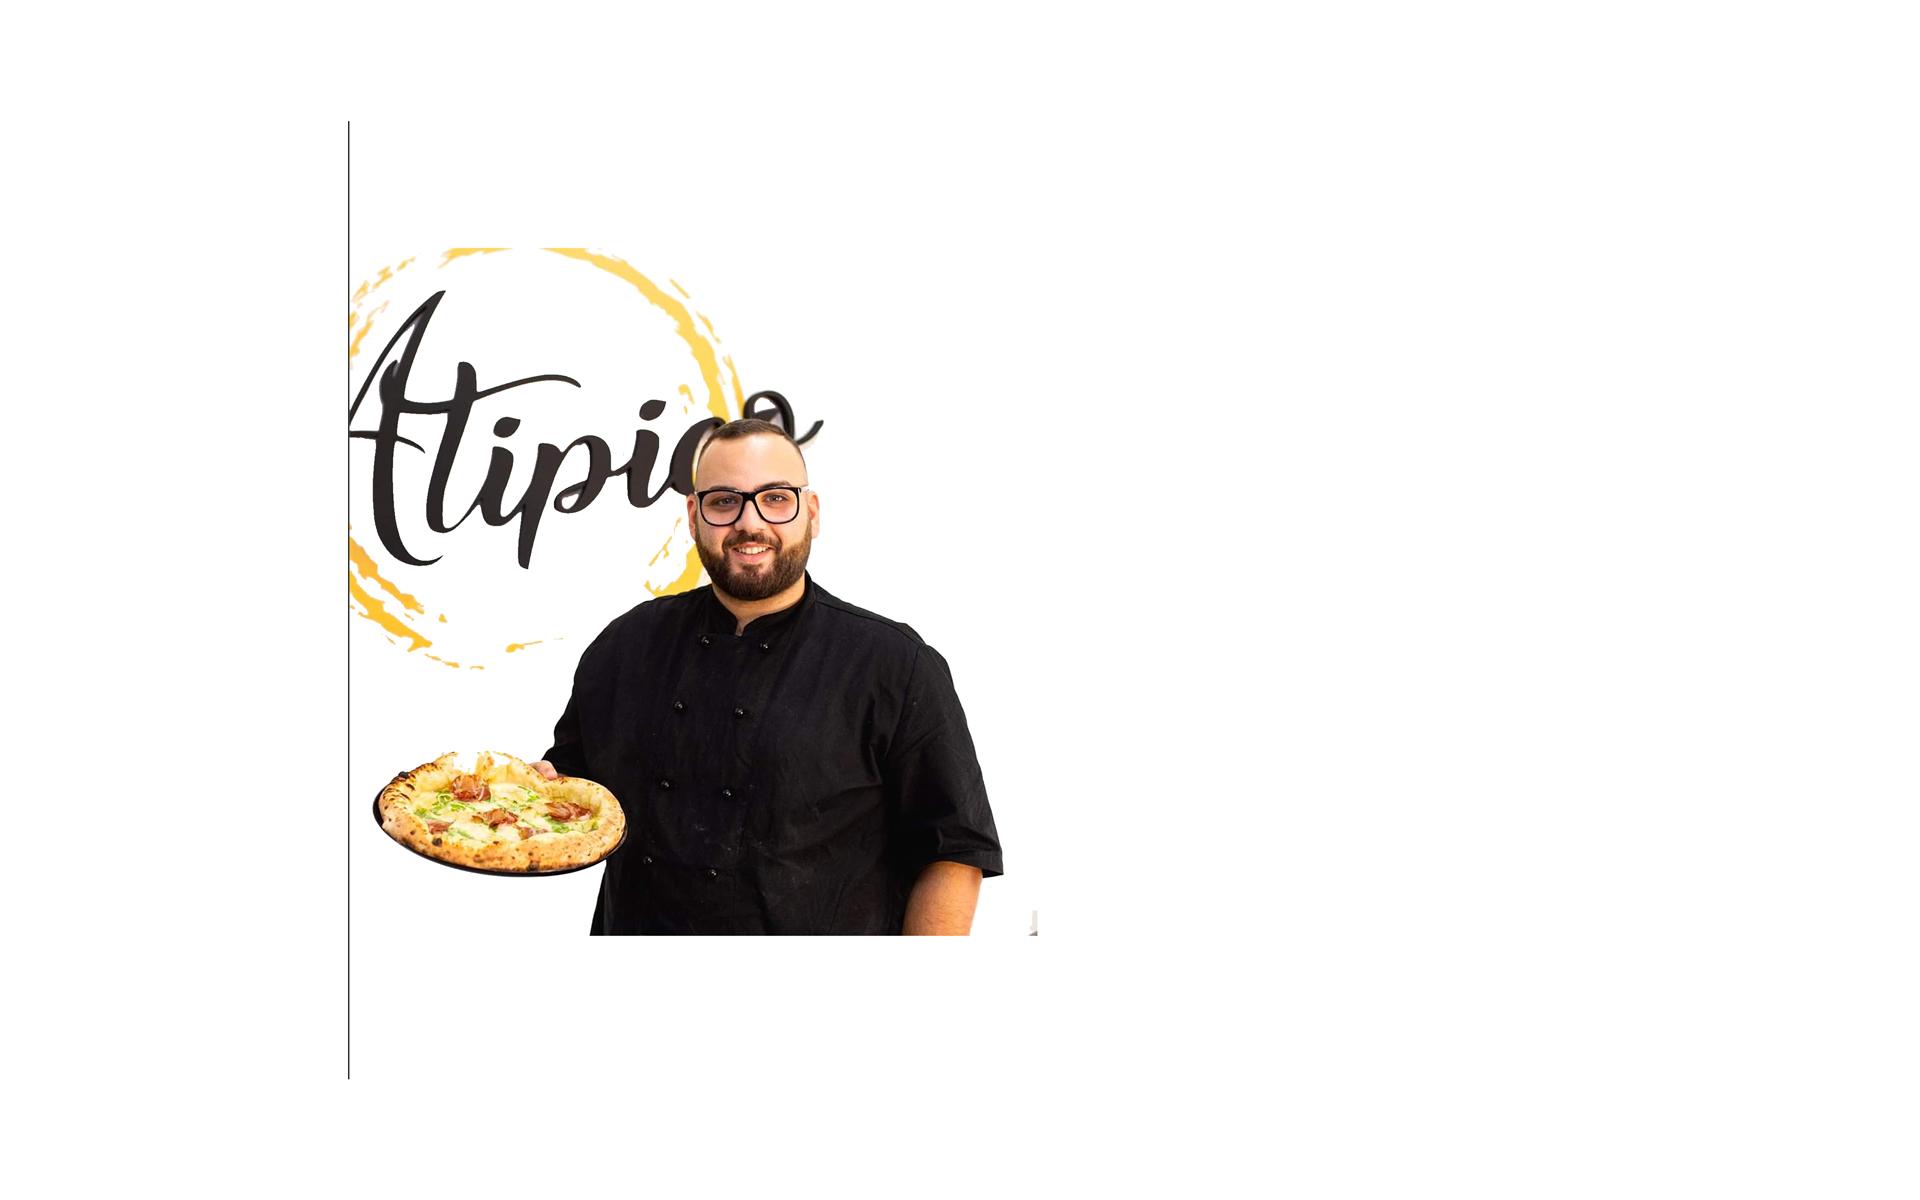 particolari interni pizzeria